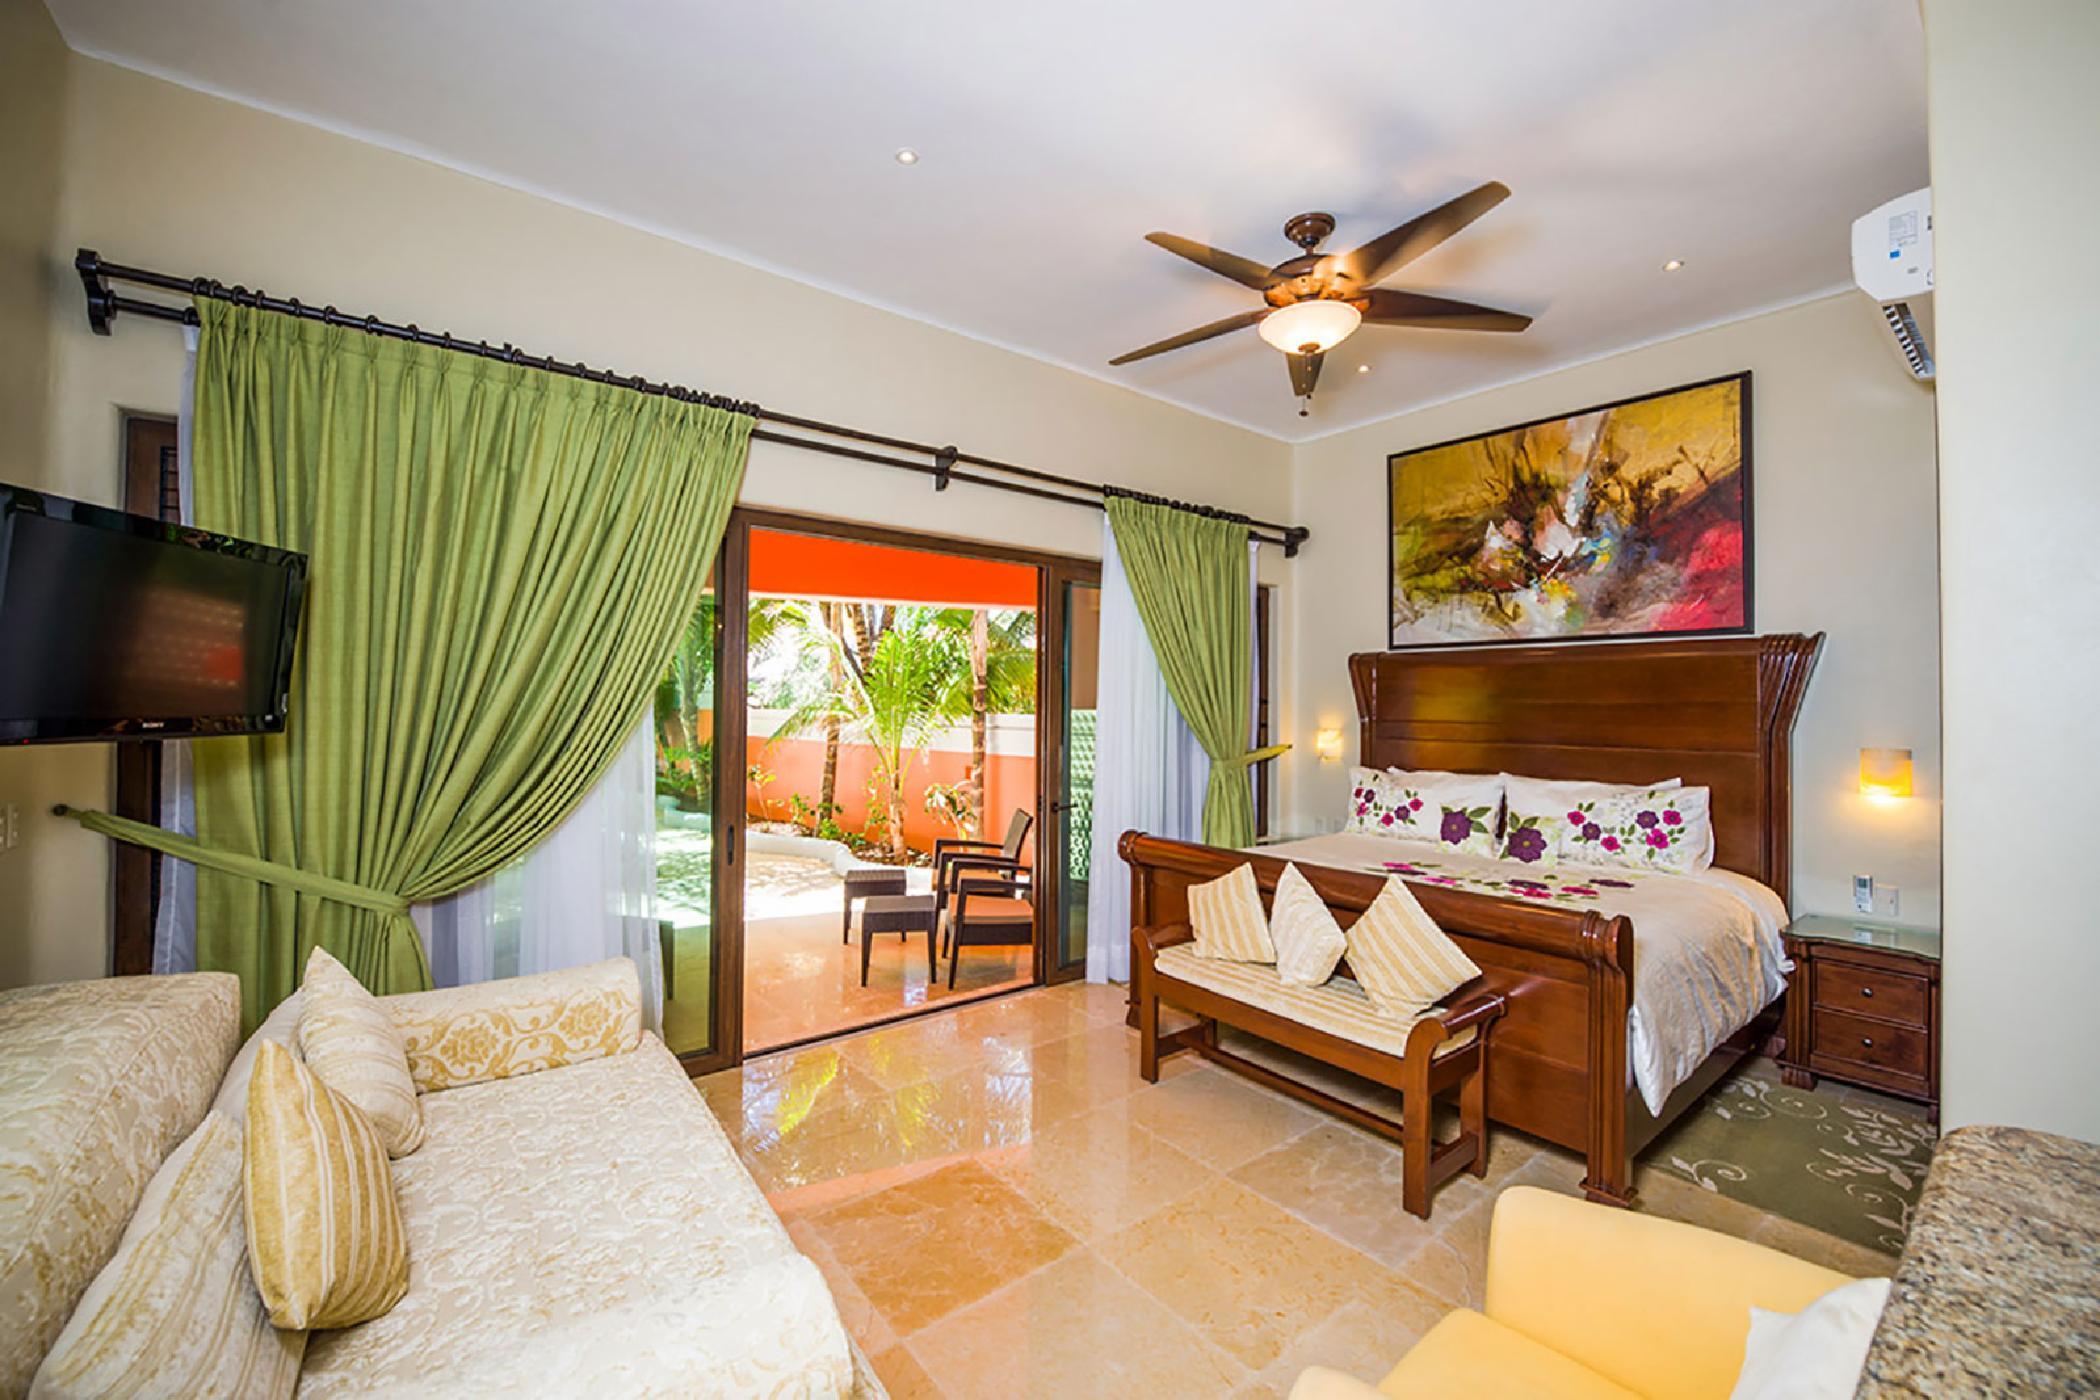 Maya_Luxe_Riviera_Maya_Luxury_Villas_Experiences_Tankah_Bay_Tulum_8_Bedrooms_Cenote_del_Mar_13.jpg